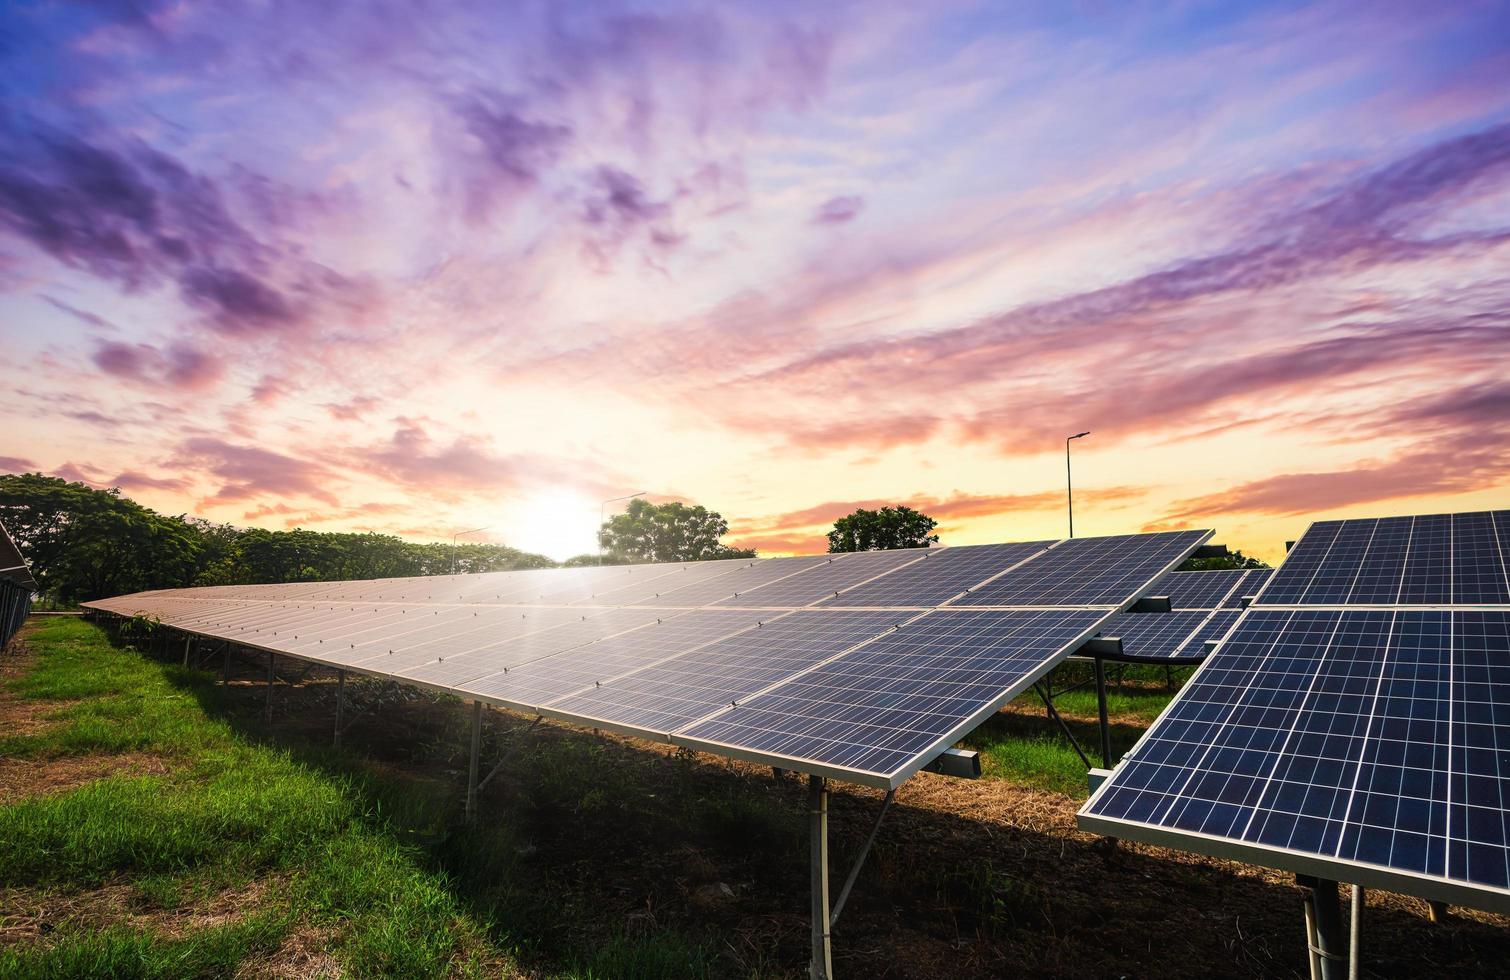 solpanelcell på dramatisk solnedgångshimmelbakgrund foto